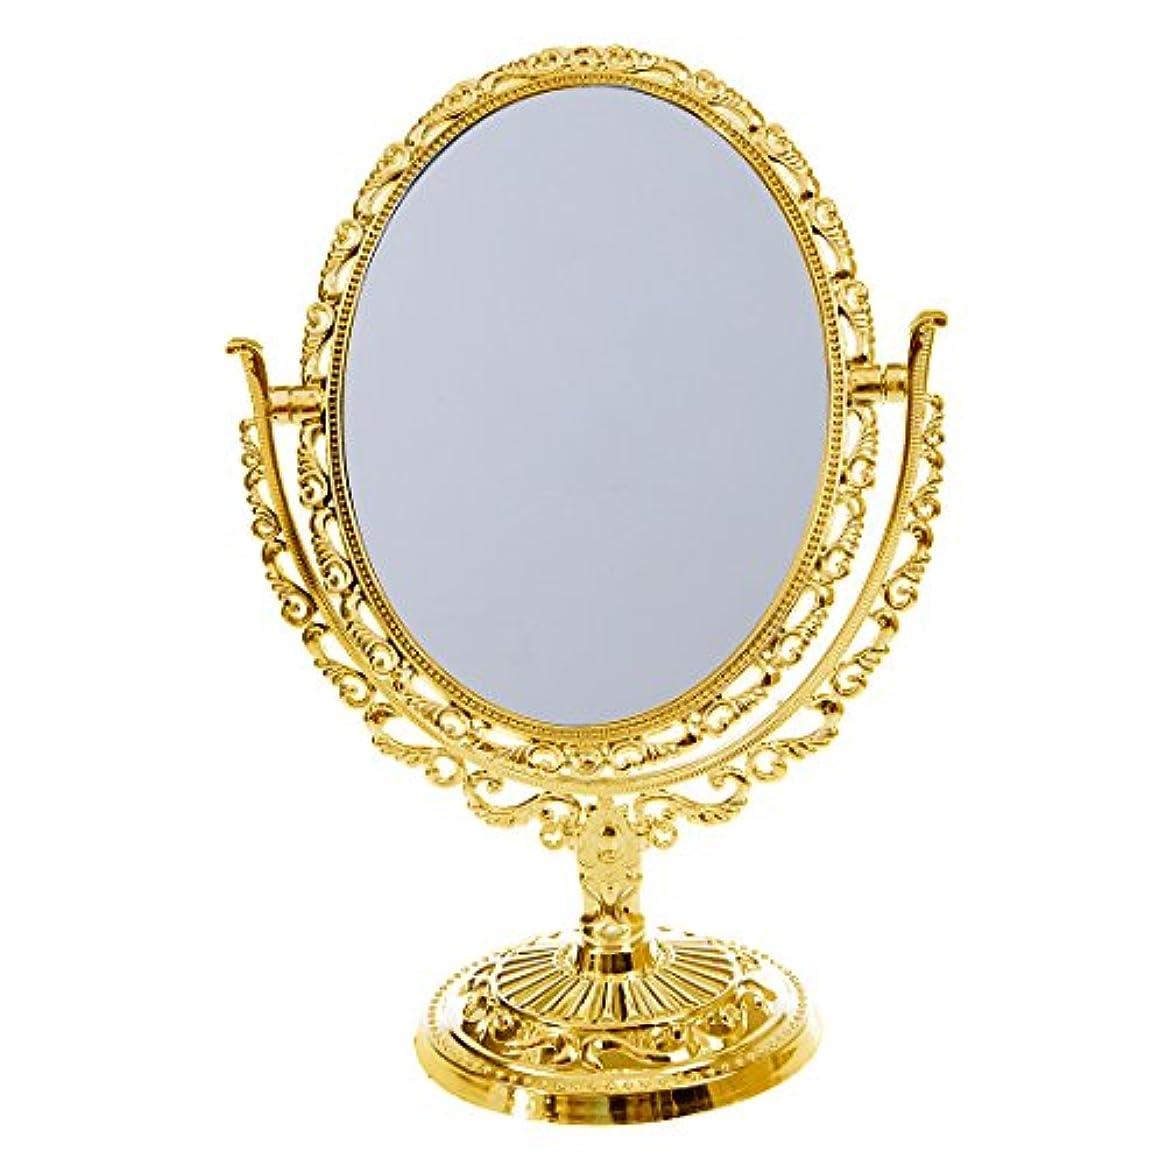 無限大アナロジー溶接ヨーロッパスタイル デスクトップ 両面楕円形 アーバストスイベルメイク化粧鏡 プラスチックガラス ミラー ゴールド